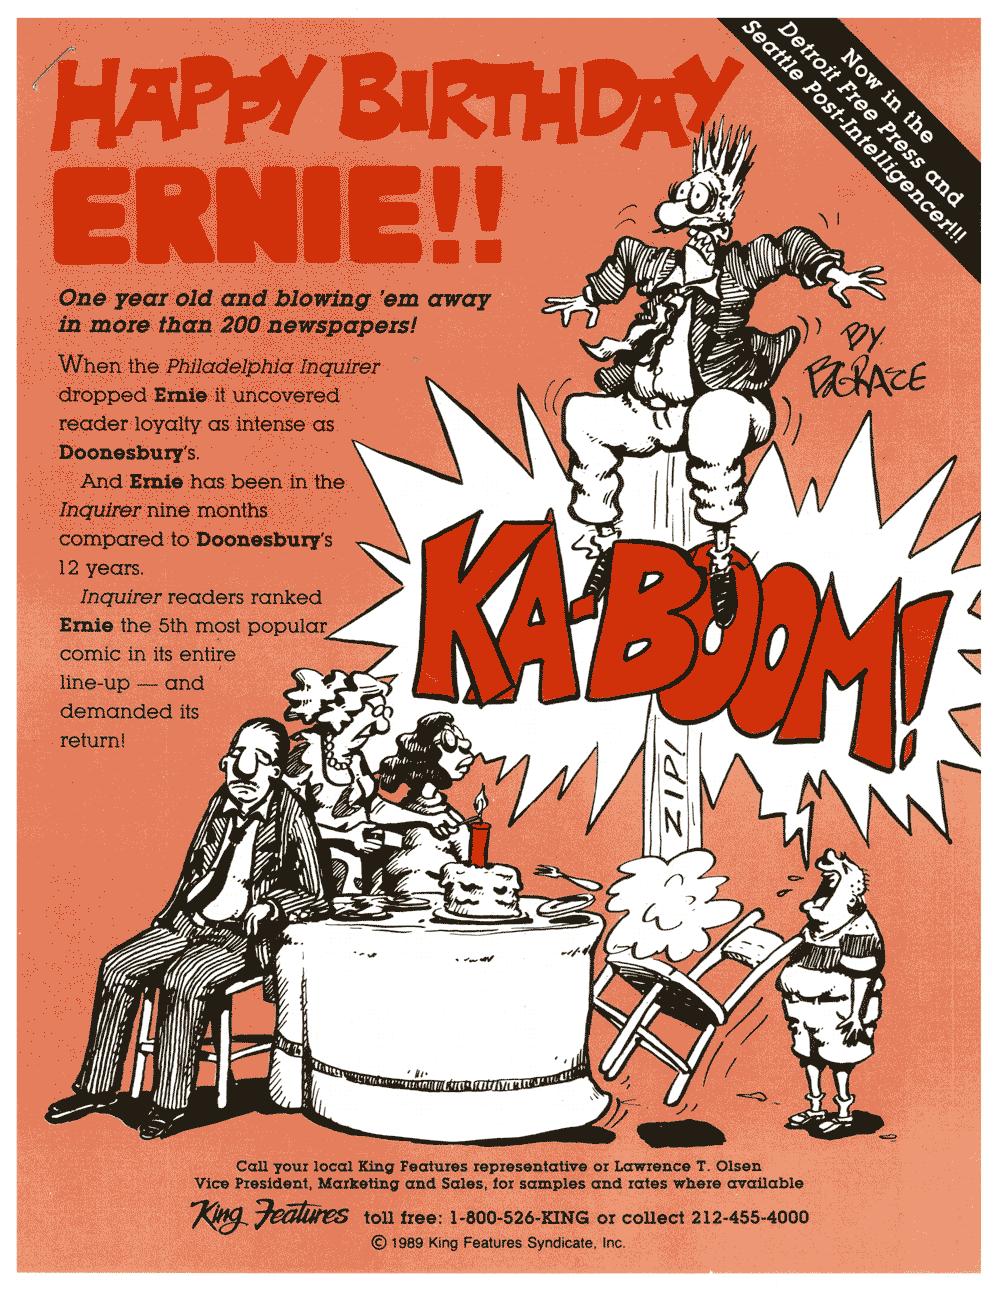 Happy-Birthday-Ernie